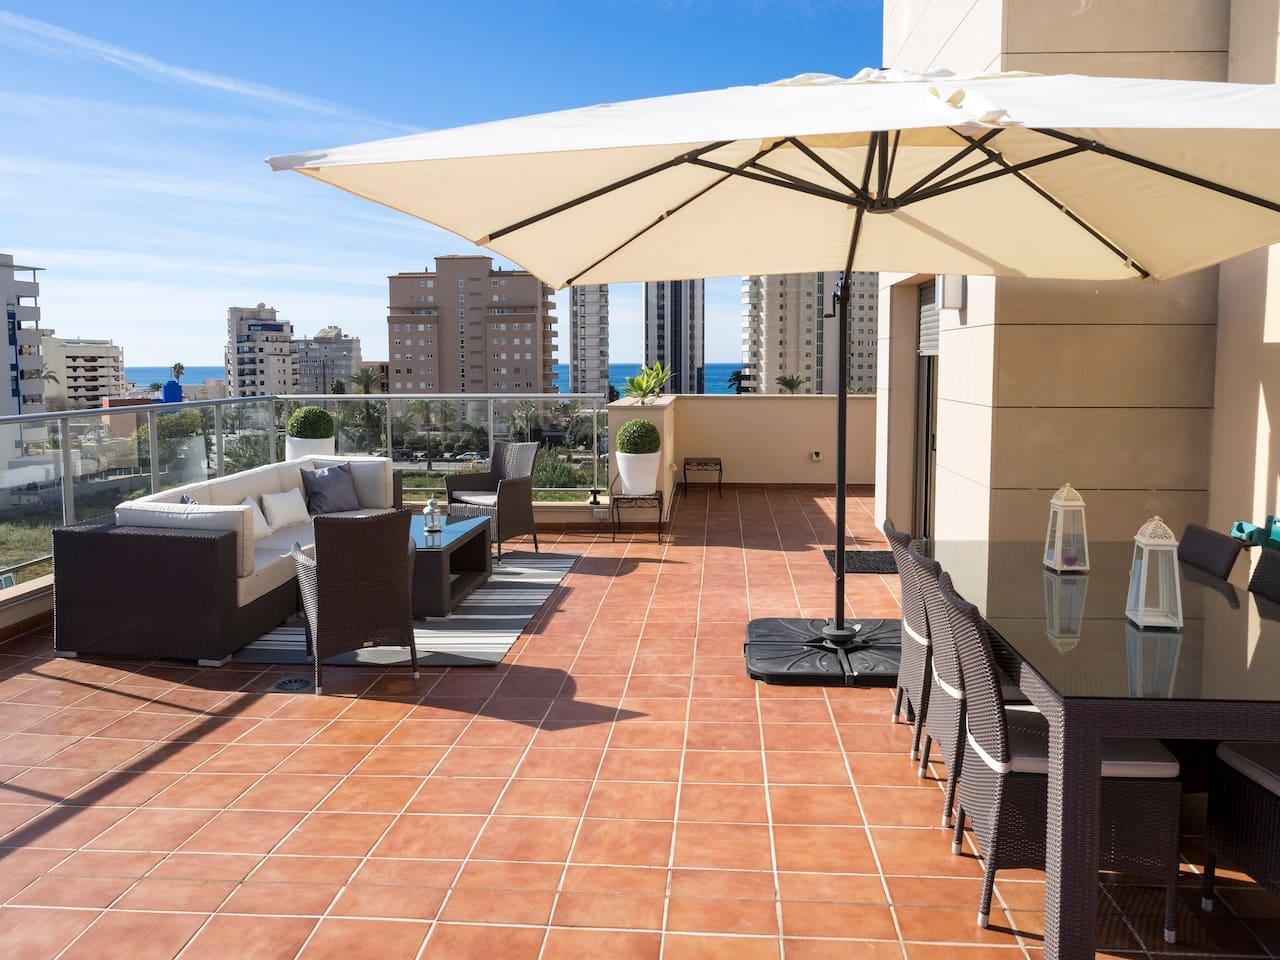 Terraza principal de  90 metros cuadrados con zona de comedor con sombrilla, sofá y hamaca doble.